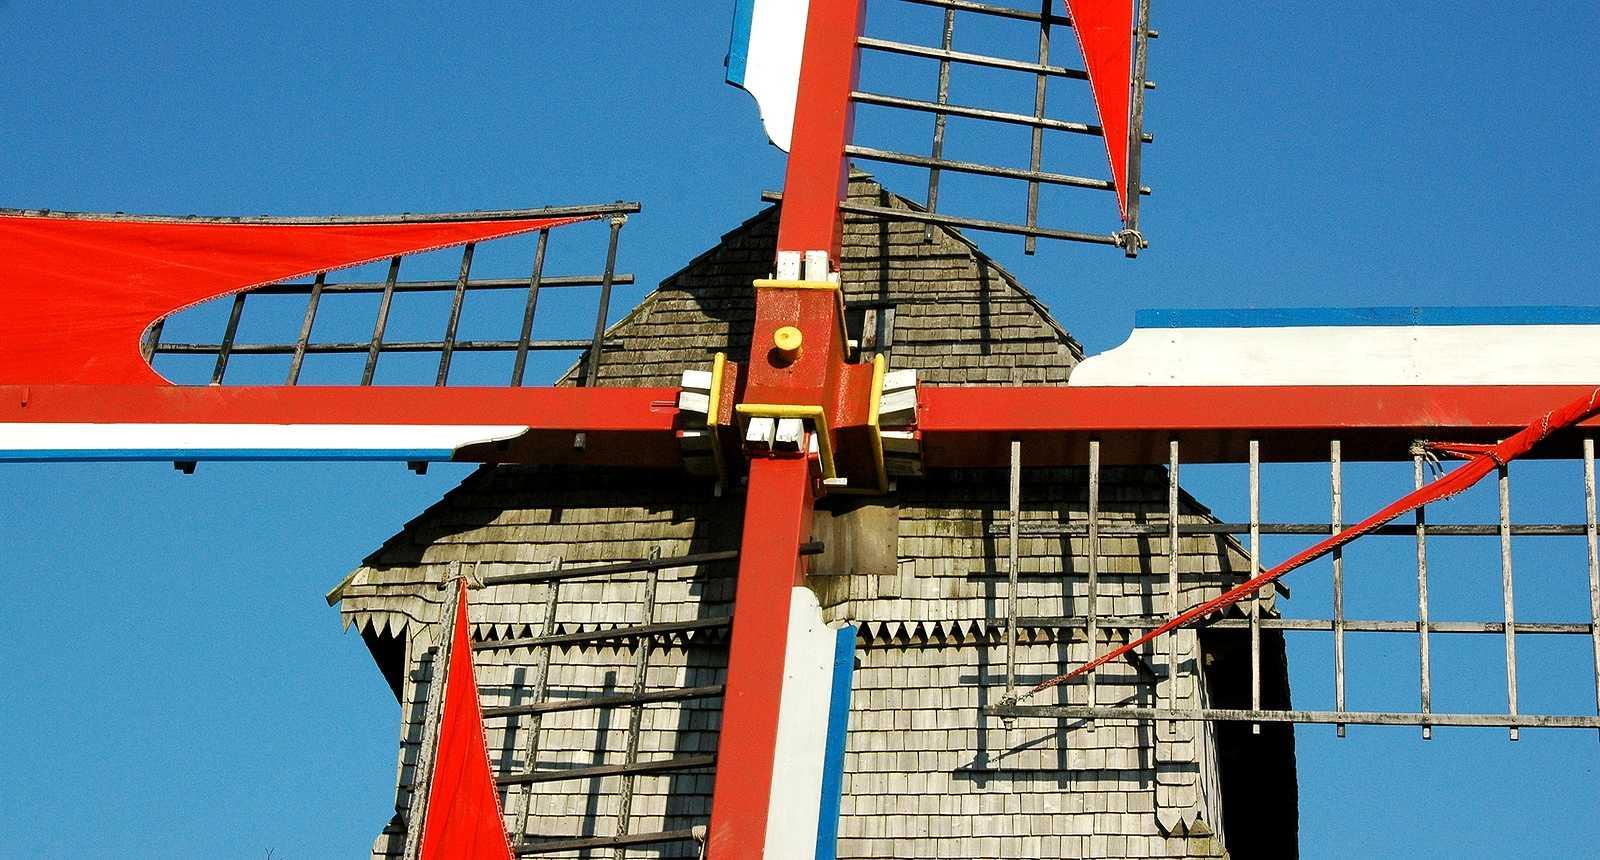 Le Moulin de Cassel (1)